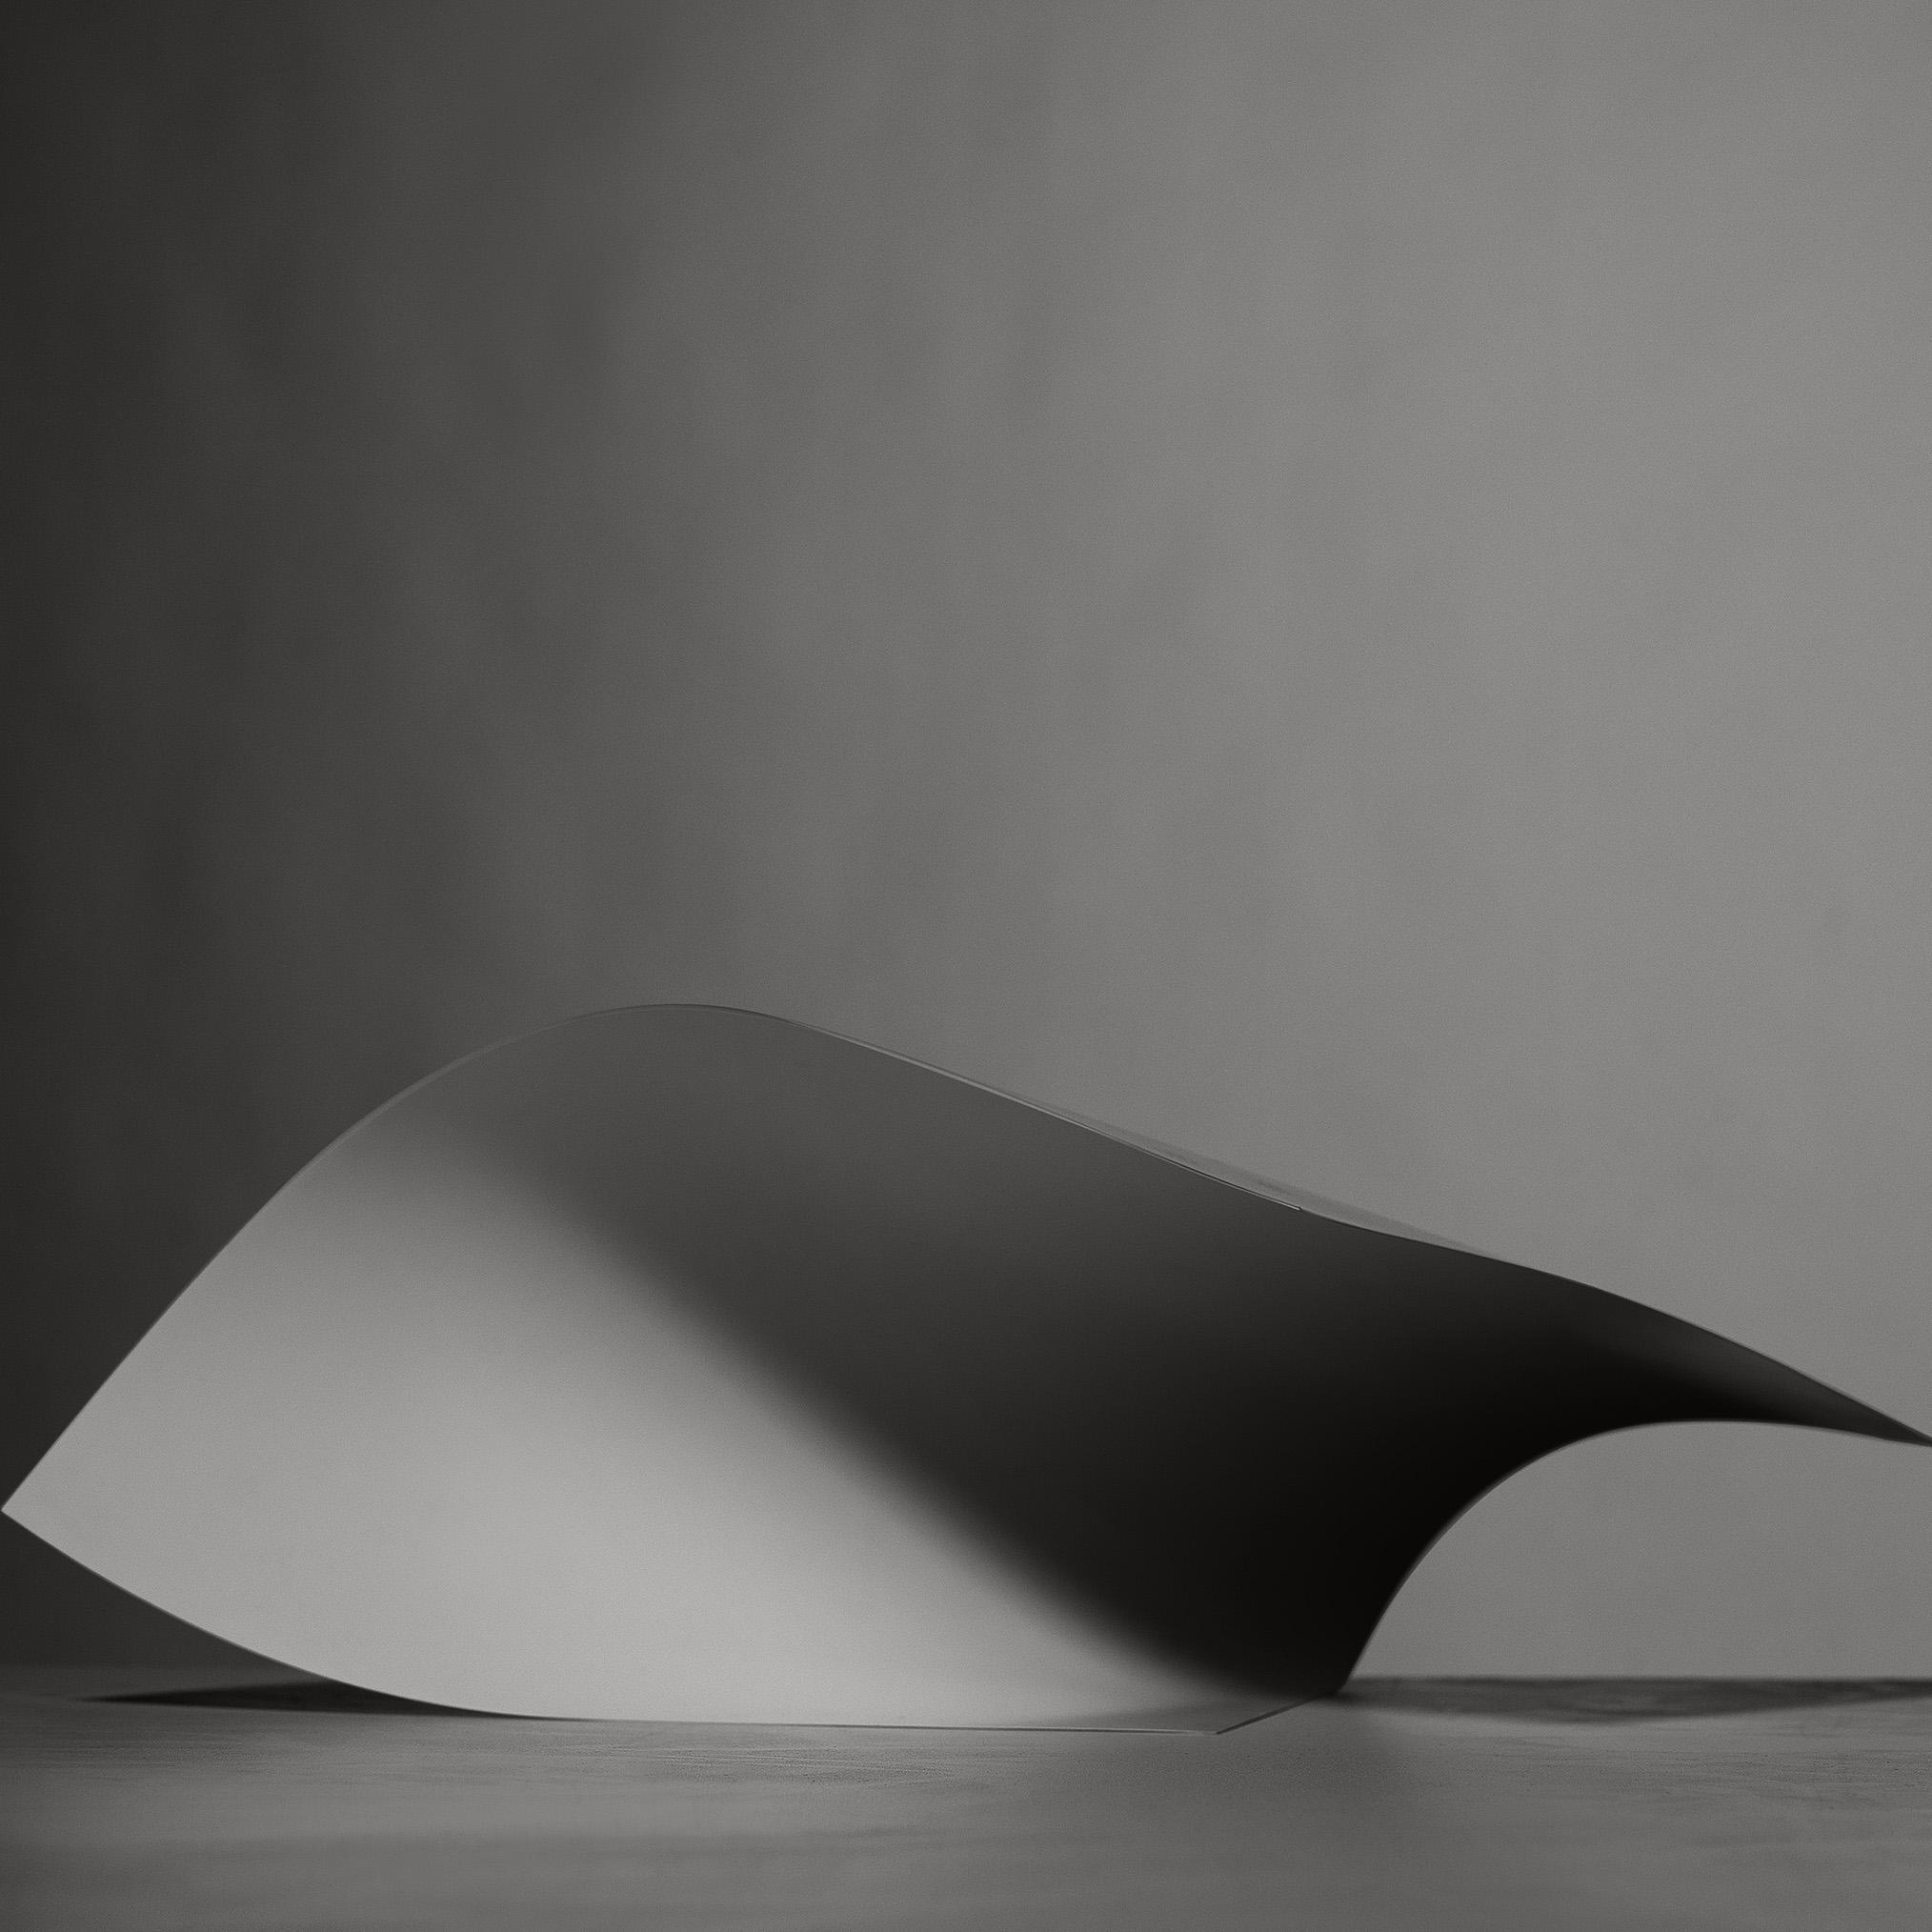 StillLifePhotographyPaperSculpture3.jpg